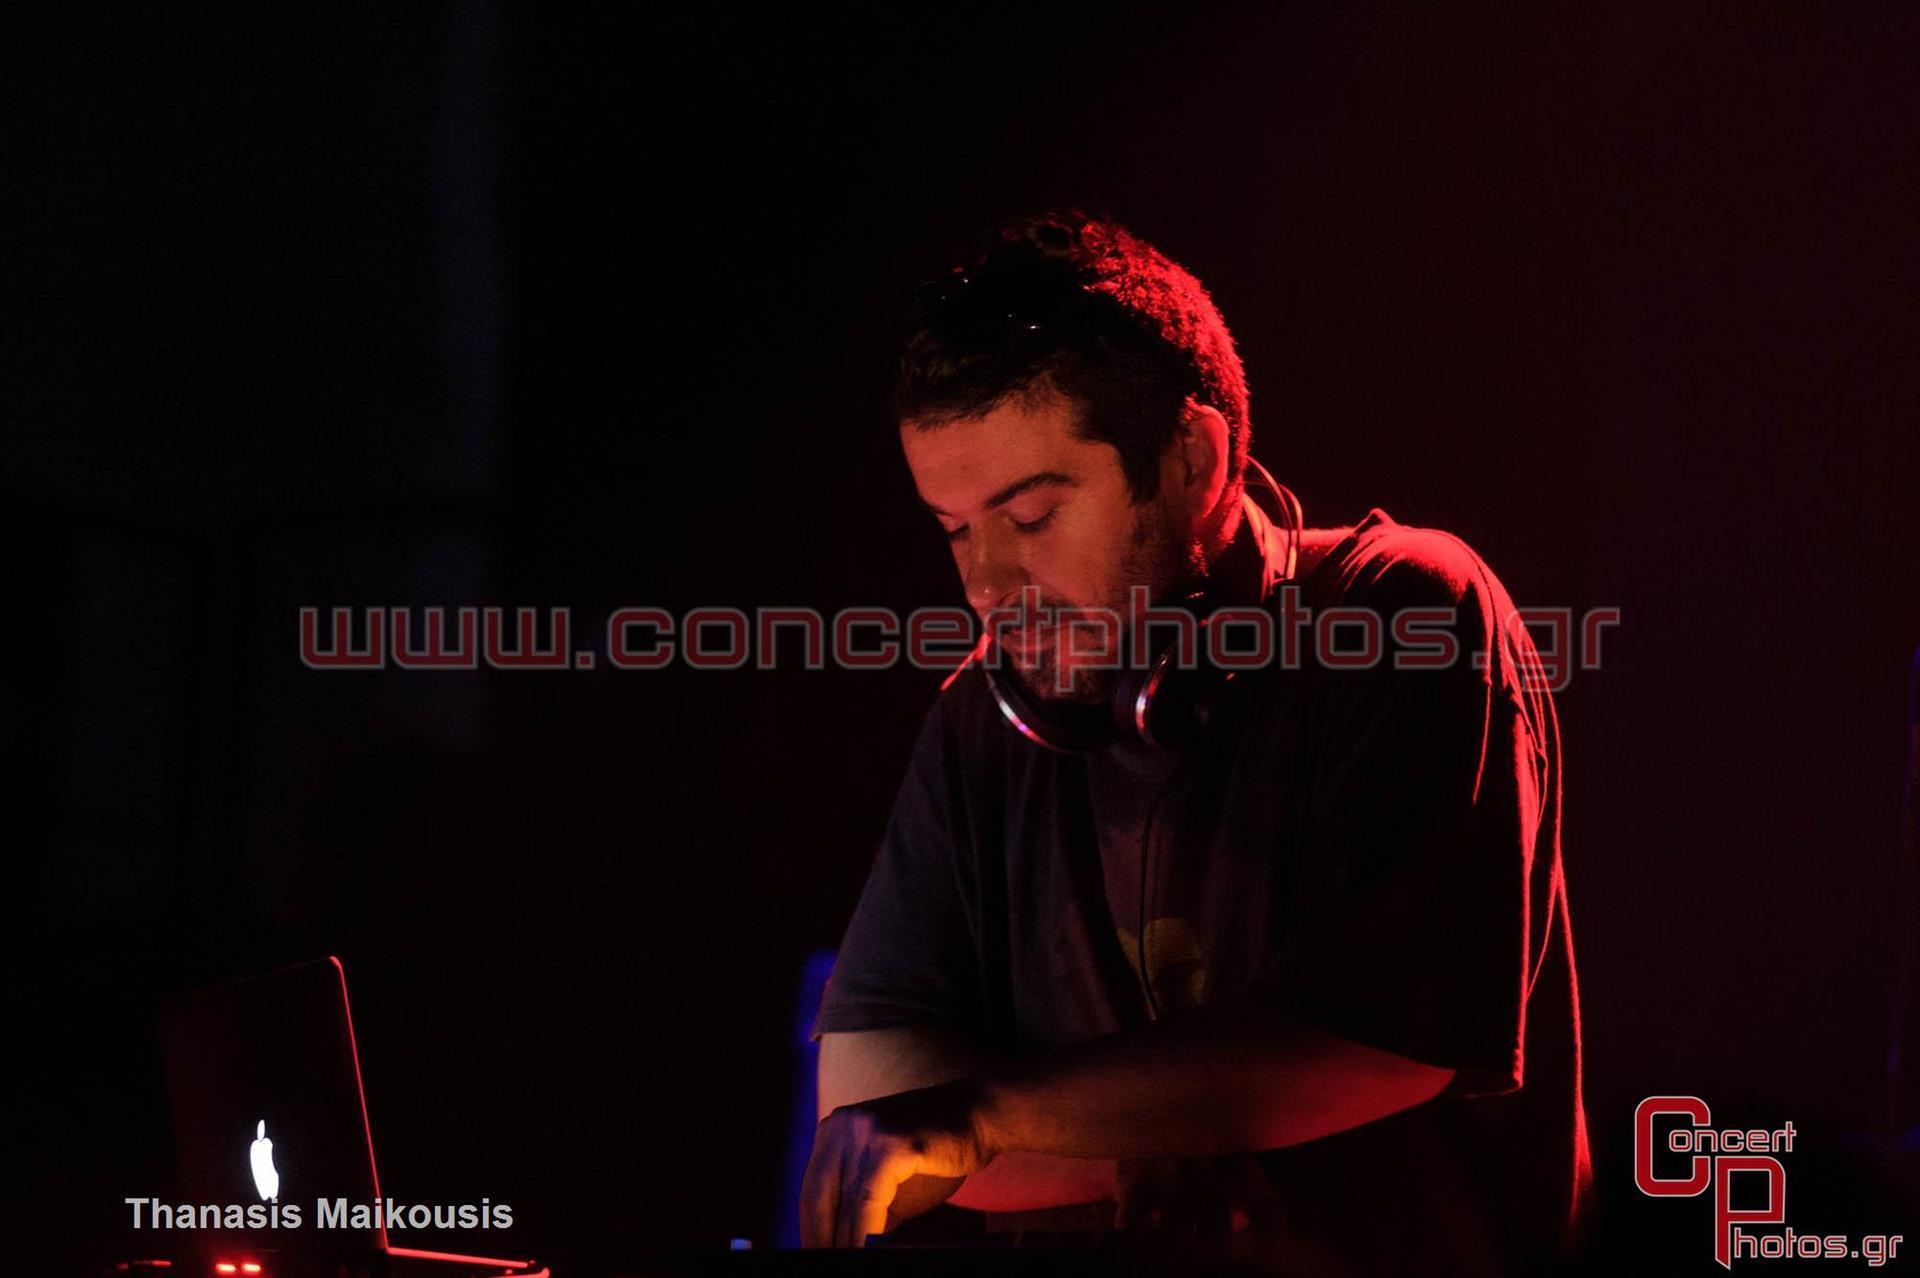 Wax Tailor - photographer: Thanasis Maikousis - ConcertPhotos-7526